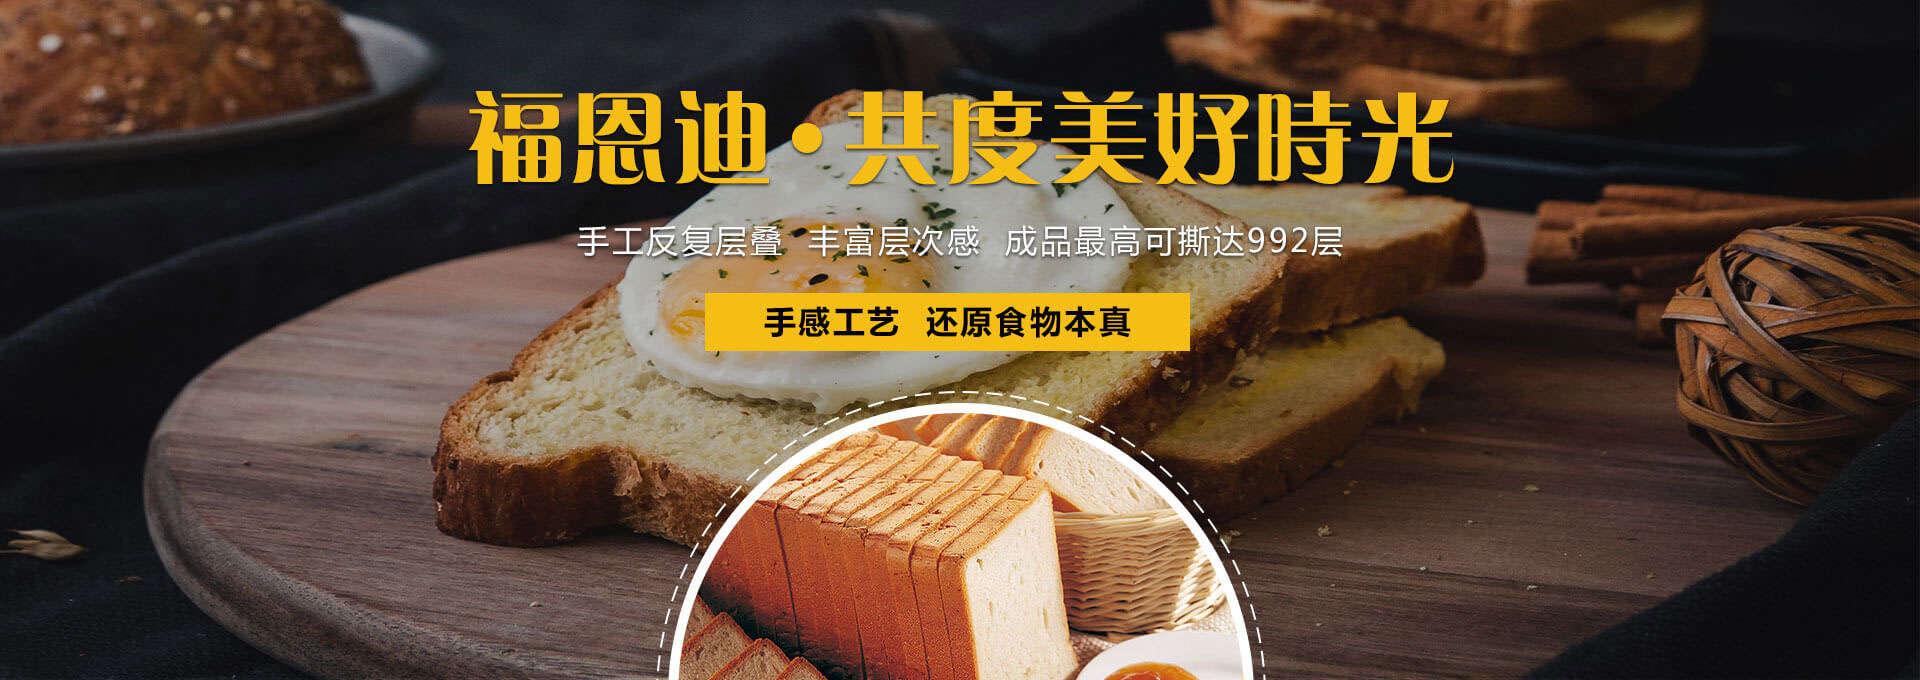 福恩迪手工吐司创业项目_昌启餐饮蛋糕面包加盟